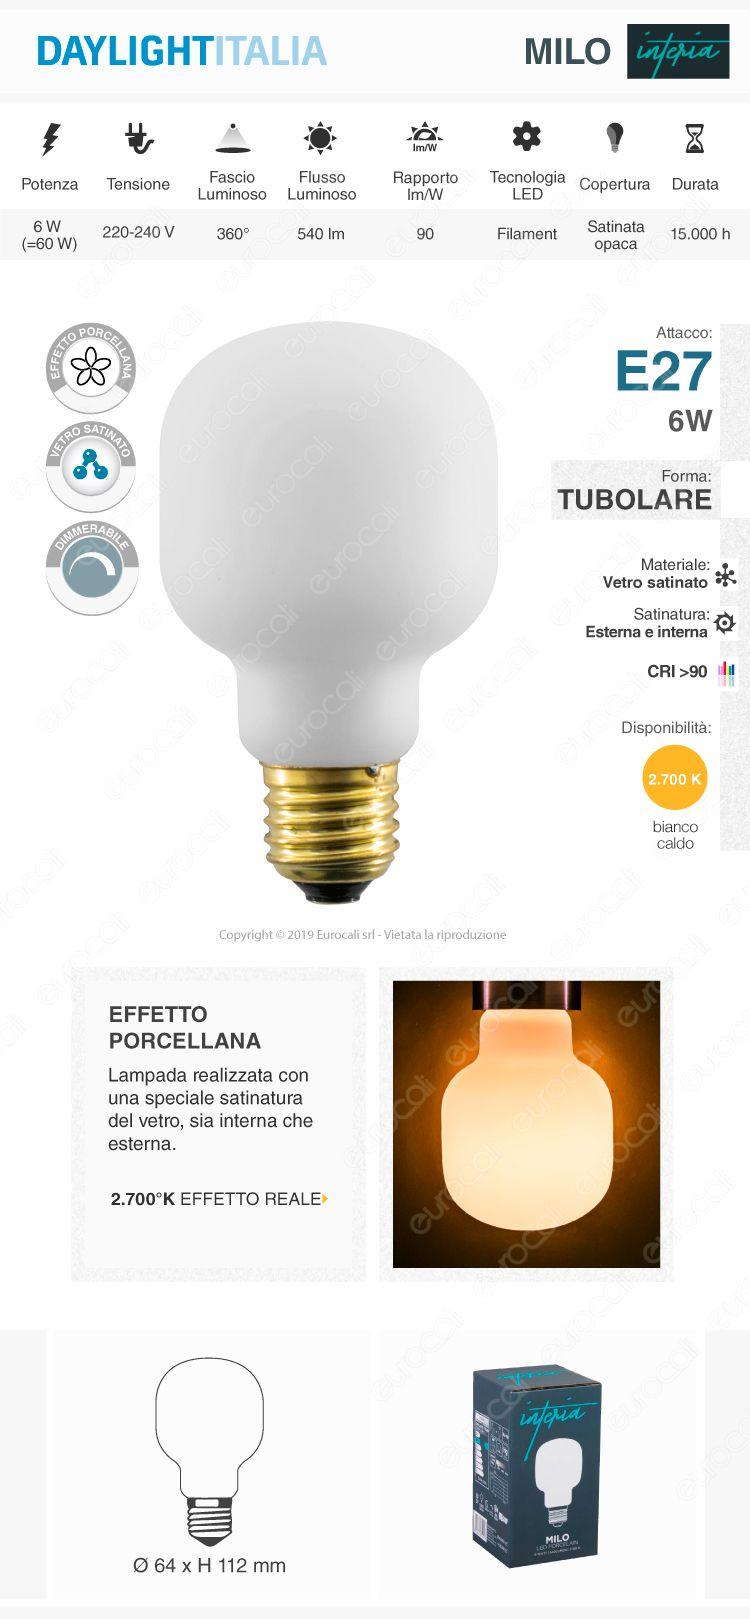 Daylight MILO Lampadina E27 Filamento LED 6W Tubolare Effetto Porcellana Dimmerabile CRI≥90